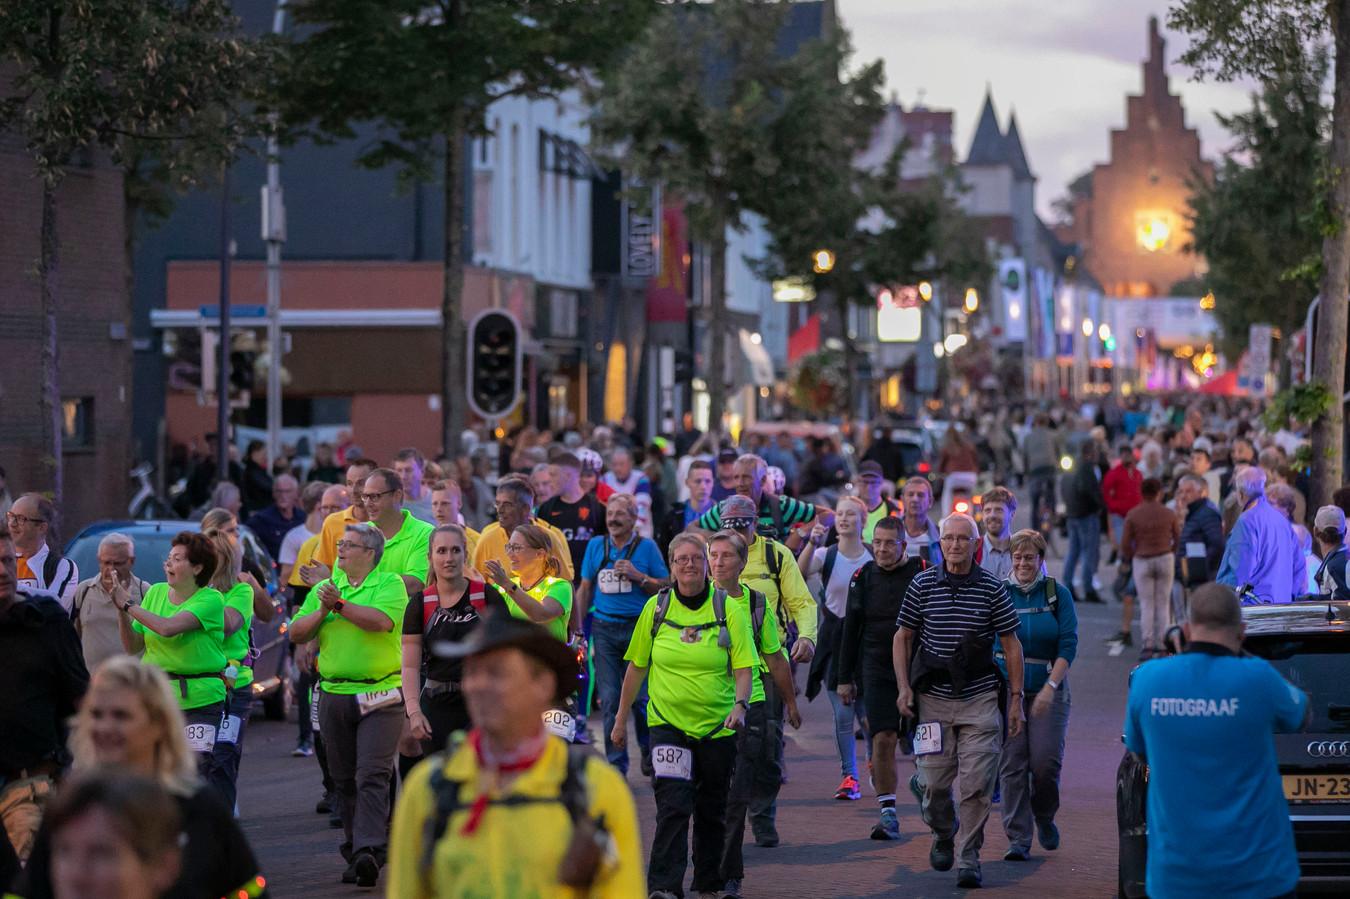 'De 80' brengt 2476 lopers op de been in Waalwijk